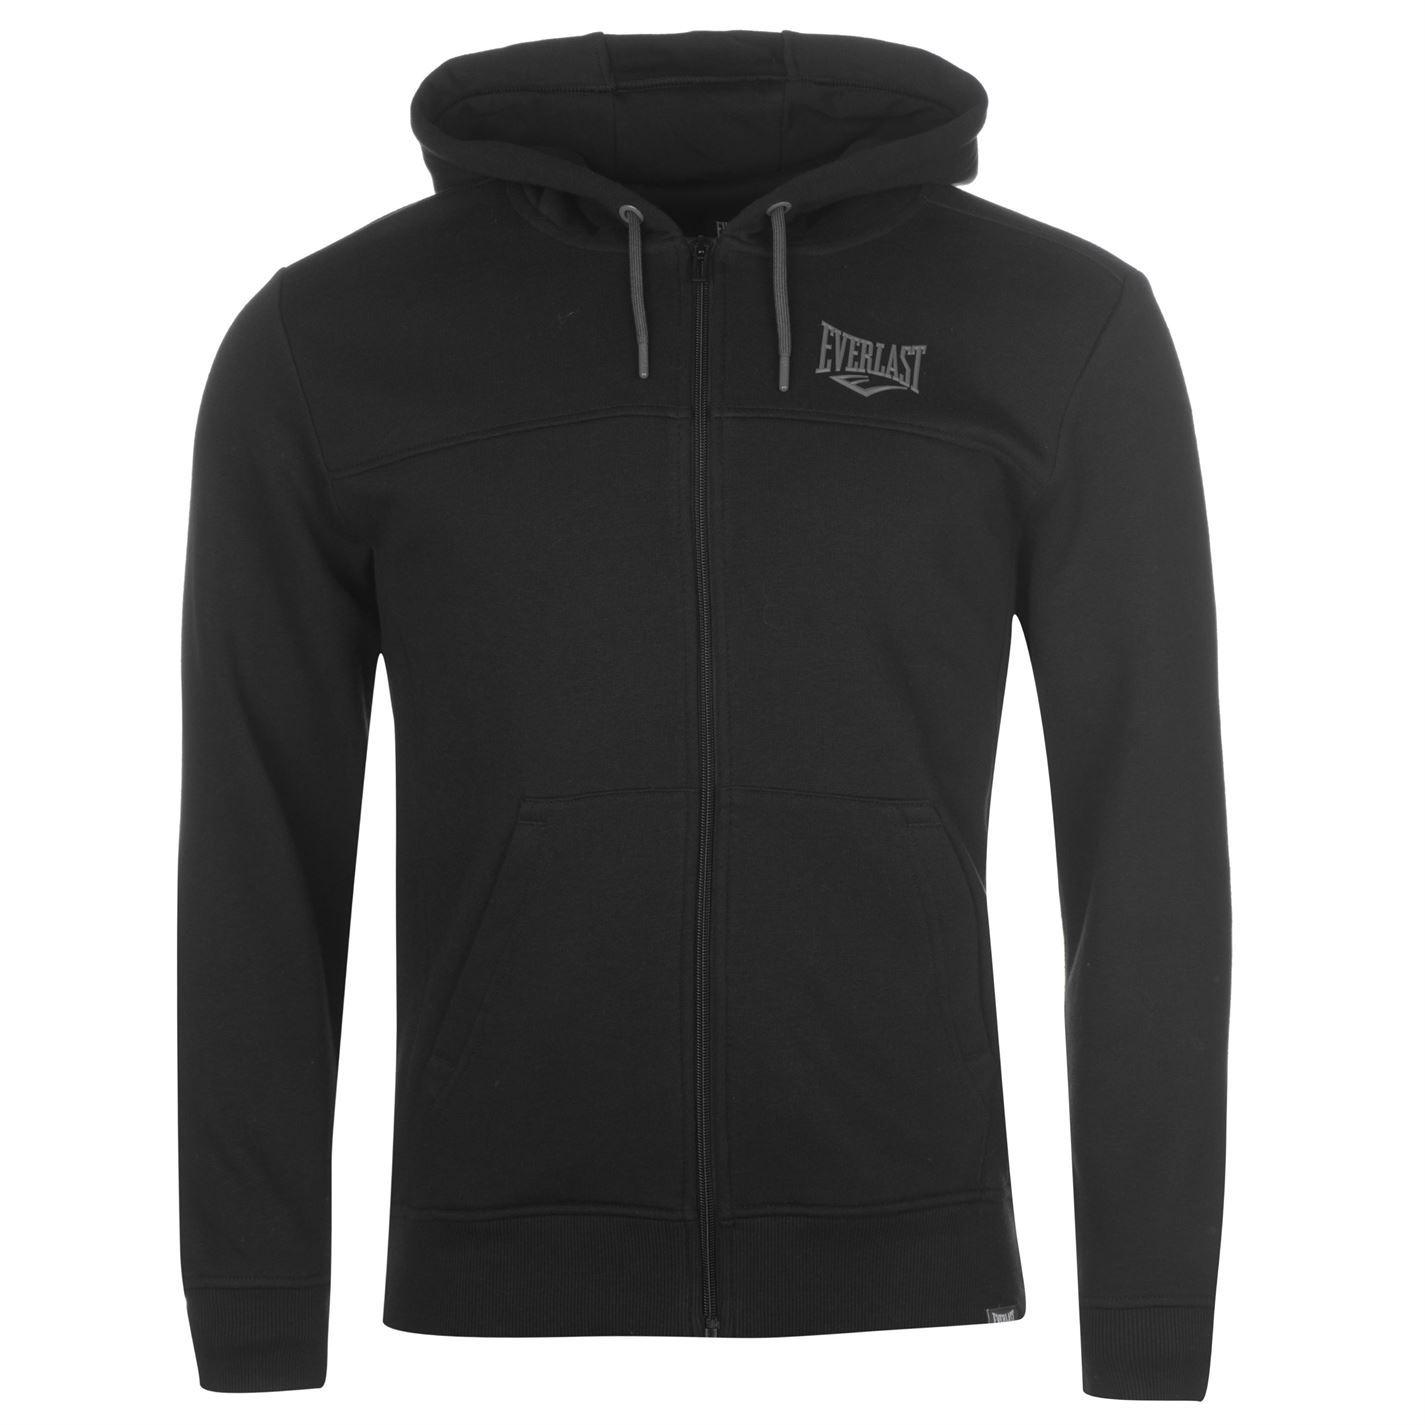 Everlast-Logo-Full-Zip-Hoody-Jacket-Mens-Hoodie-Sweatshirt-Sweater-Hooded-Top thumbnail 3